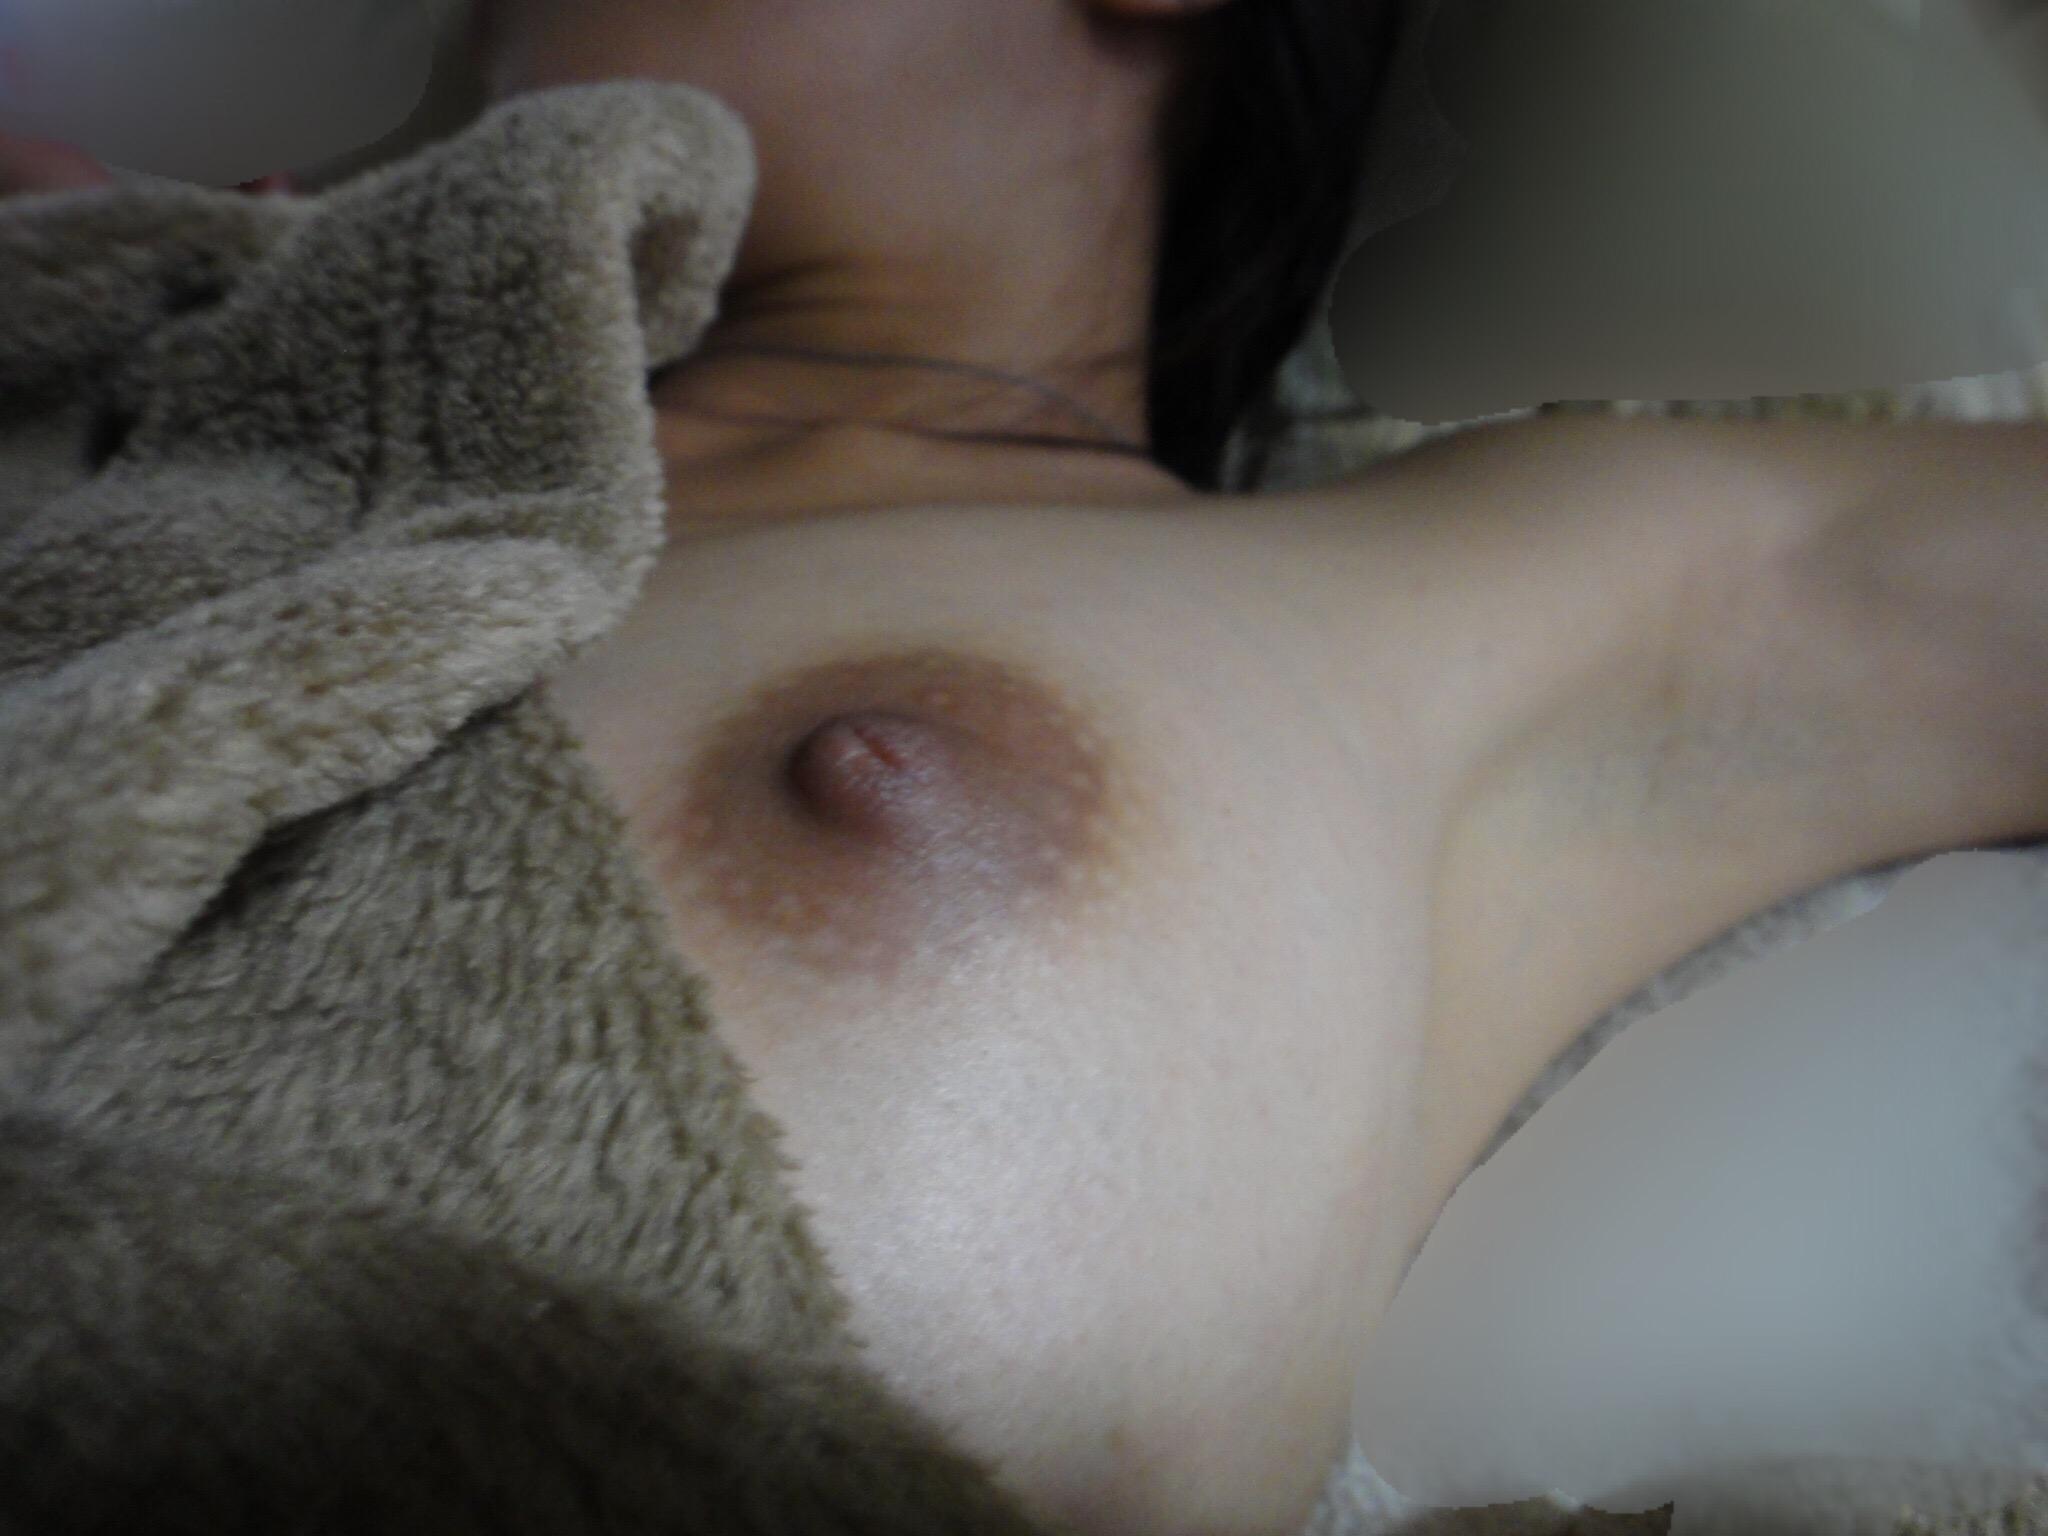 【画像】彼女が寝てるところを盗み撮りしたぞー匂いが感じれるくらい生々しいおっぱいワロタwwwwwwwwwww MDo1mFN